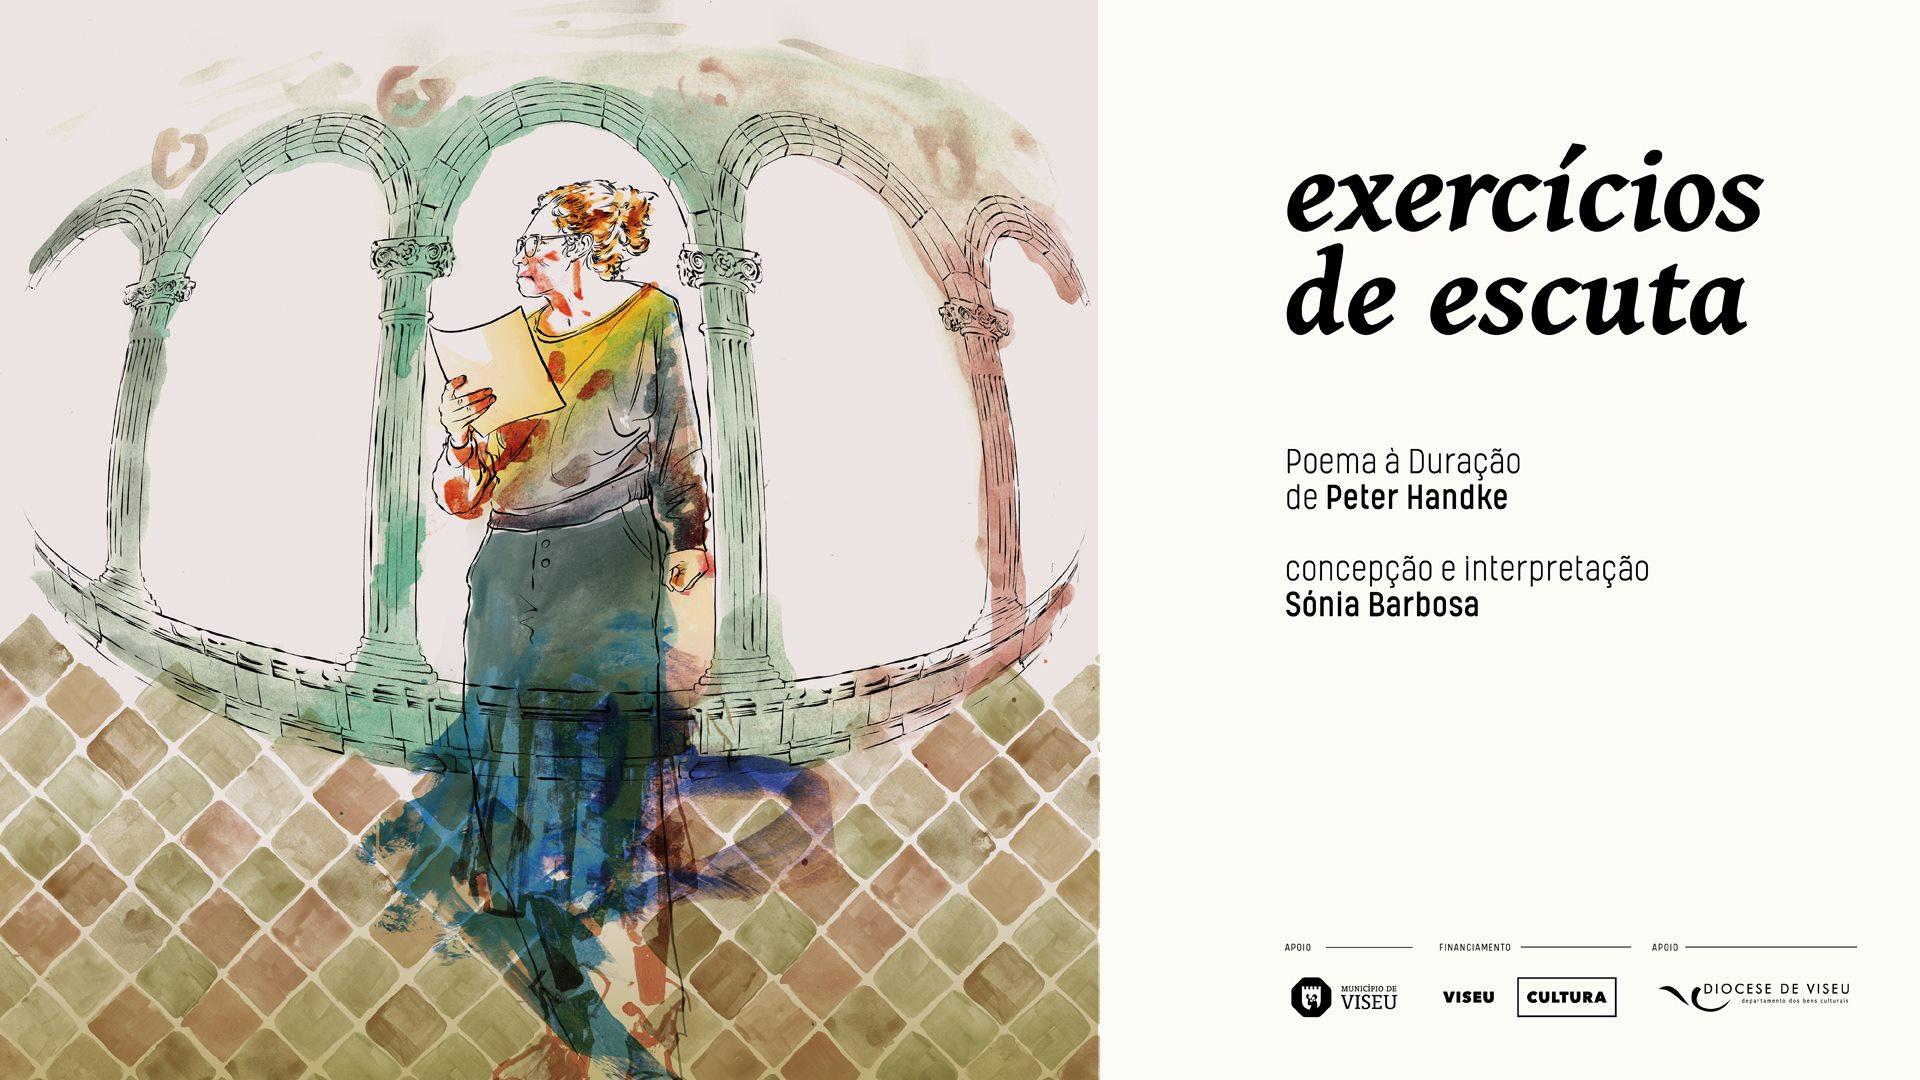 Exercícios de Escuta: 'Poema à Duração'